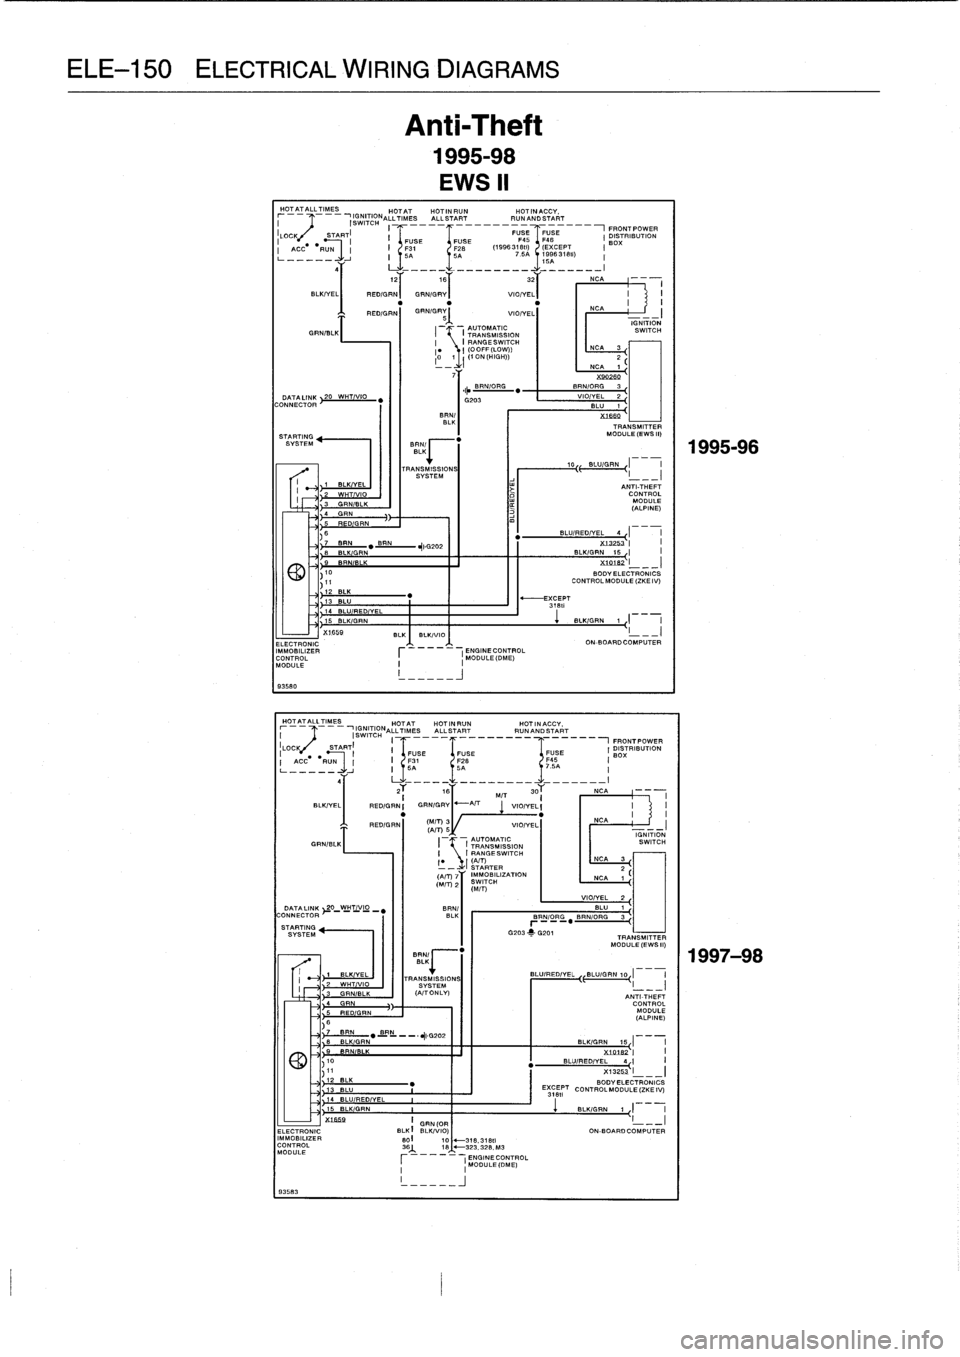 BMW M3 1996 E36 Workshop Manual (759 Pages), Page 640: ELE